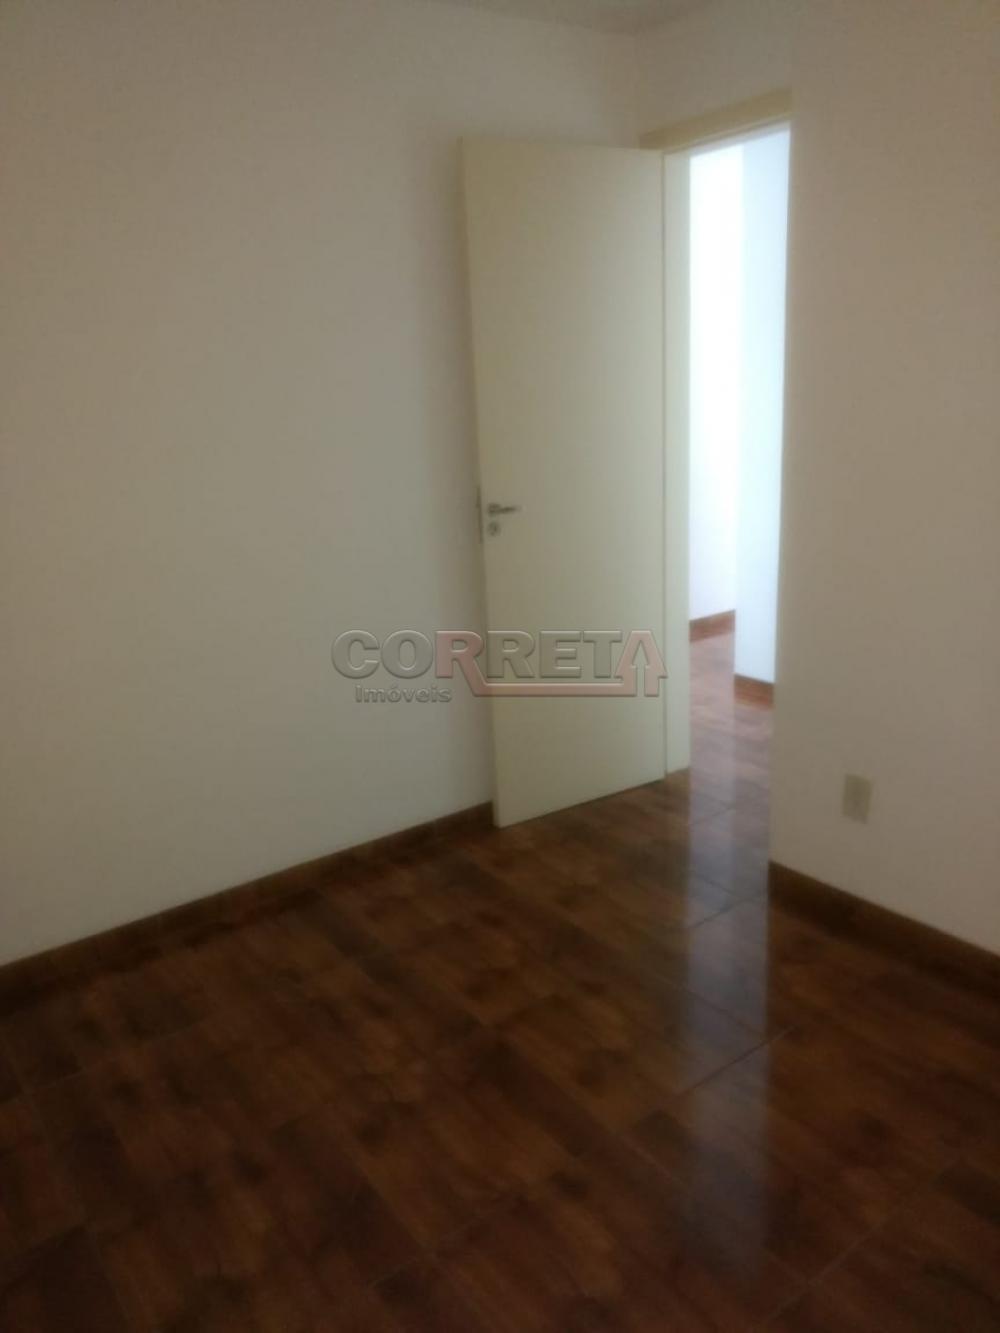 Alugar Apartamento / Padrão em Araçatuba apenas R$ 500,00 - Foto 12